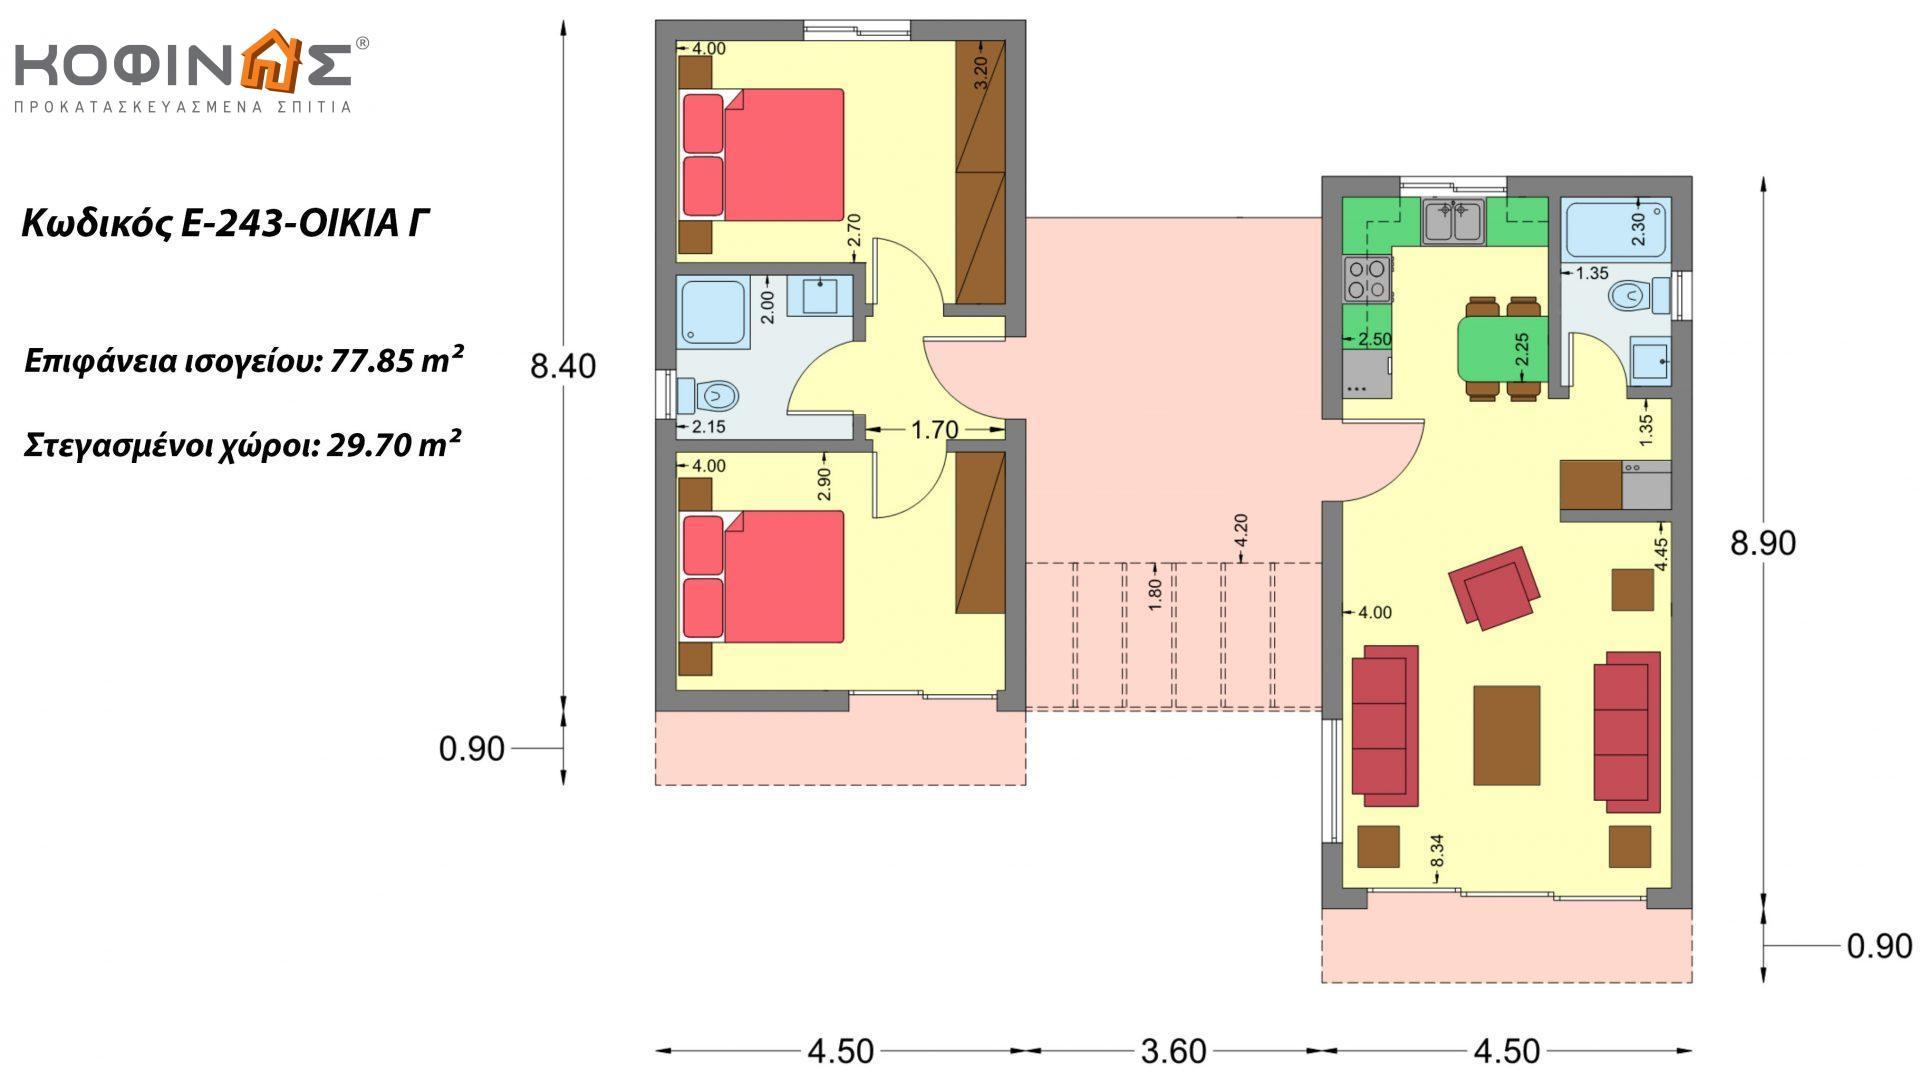 Συγκρότημα Κατοικιών E-243, συνολικής επιφάνειας (90.42+75.56+77.85)= 243,83 τ.μ., συνολική επιφάνεια στεγασμένων χώρων 88,00 τ.μ., μπαλκόνια(οικία Α) 32.54 τ.μ.